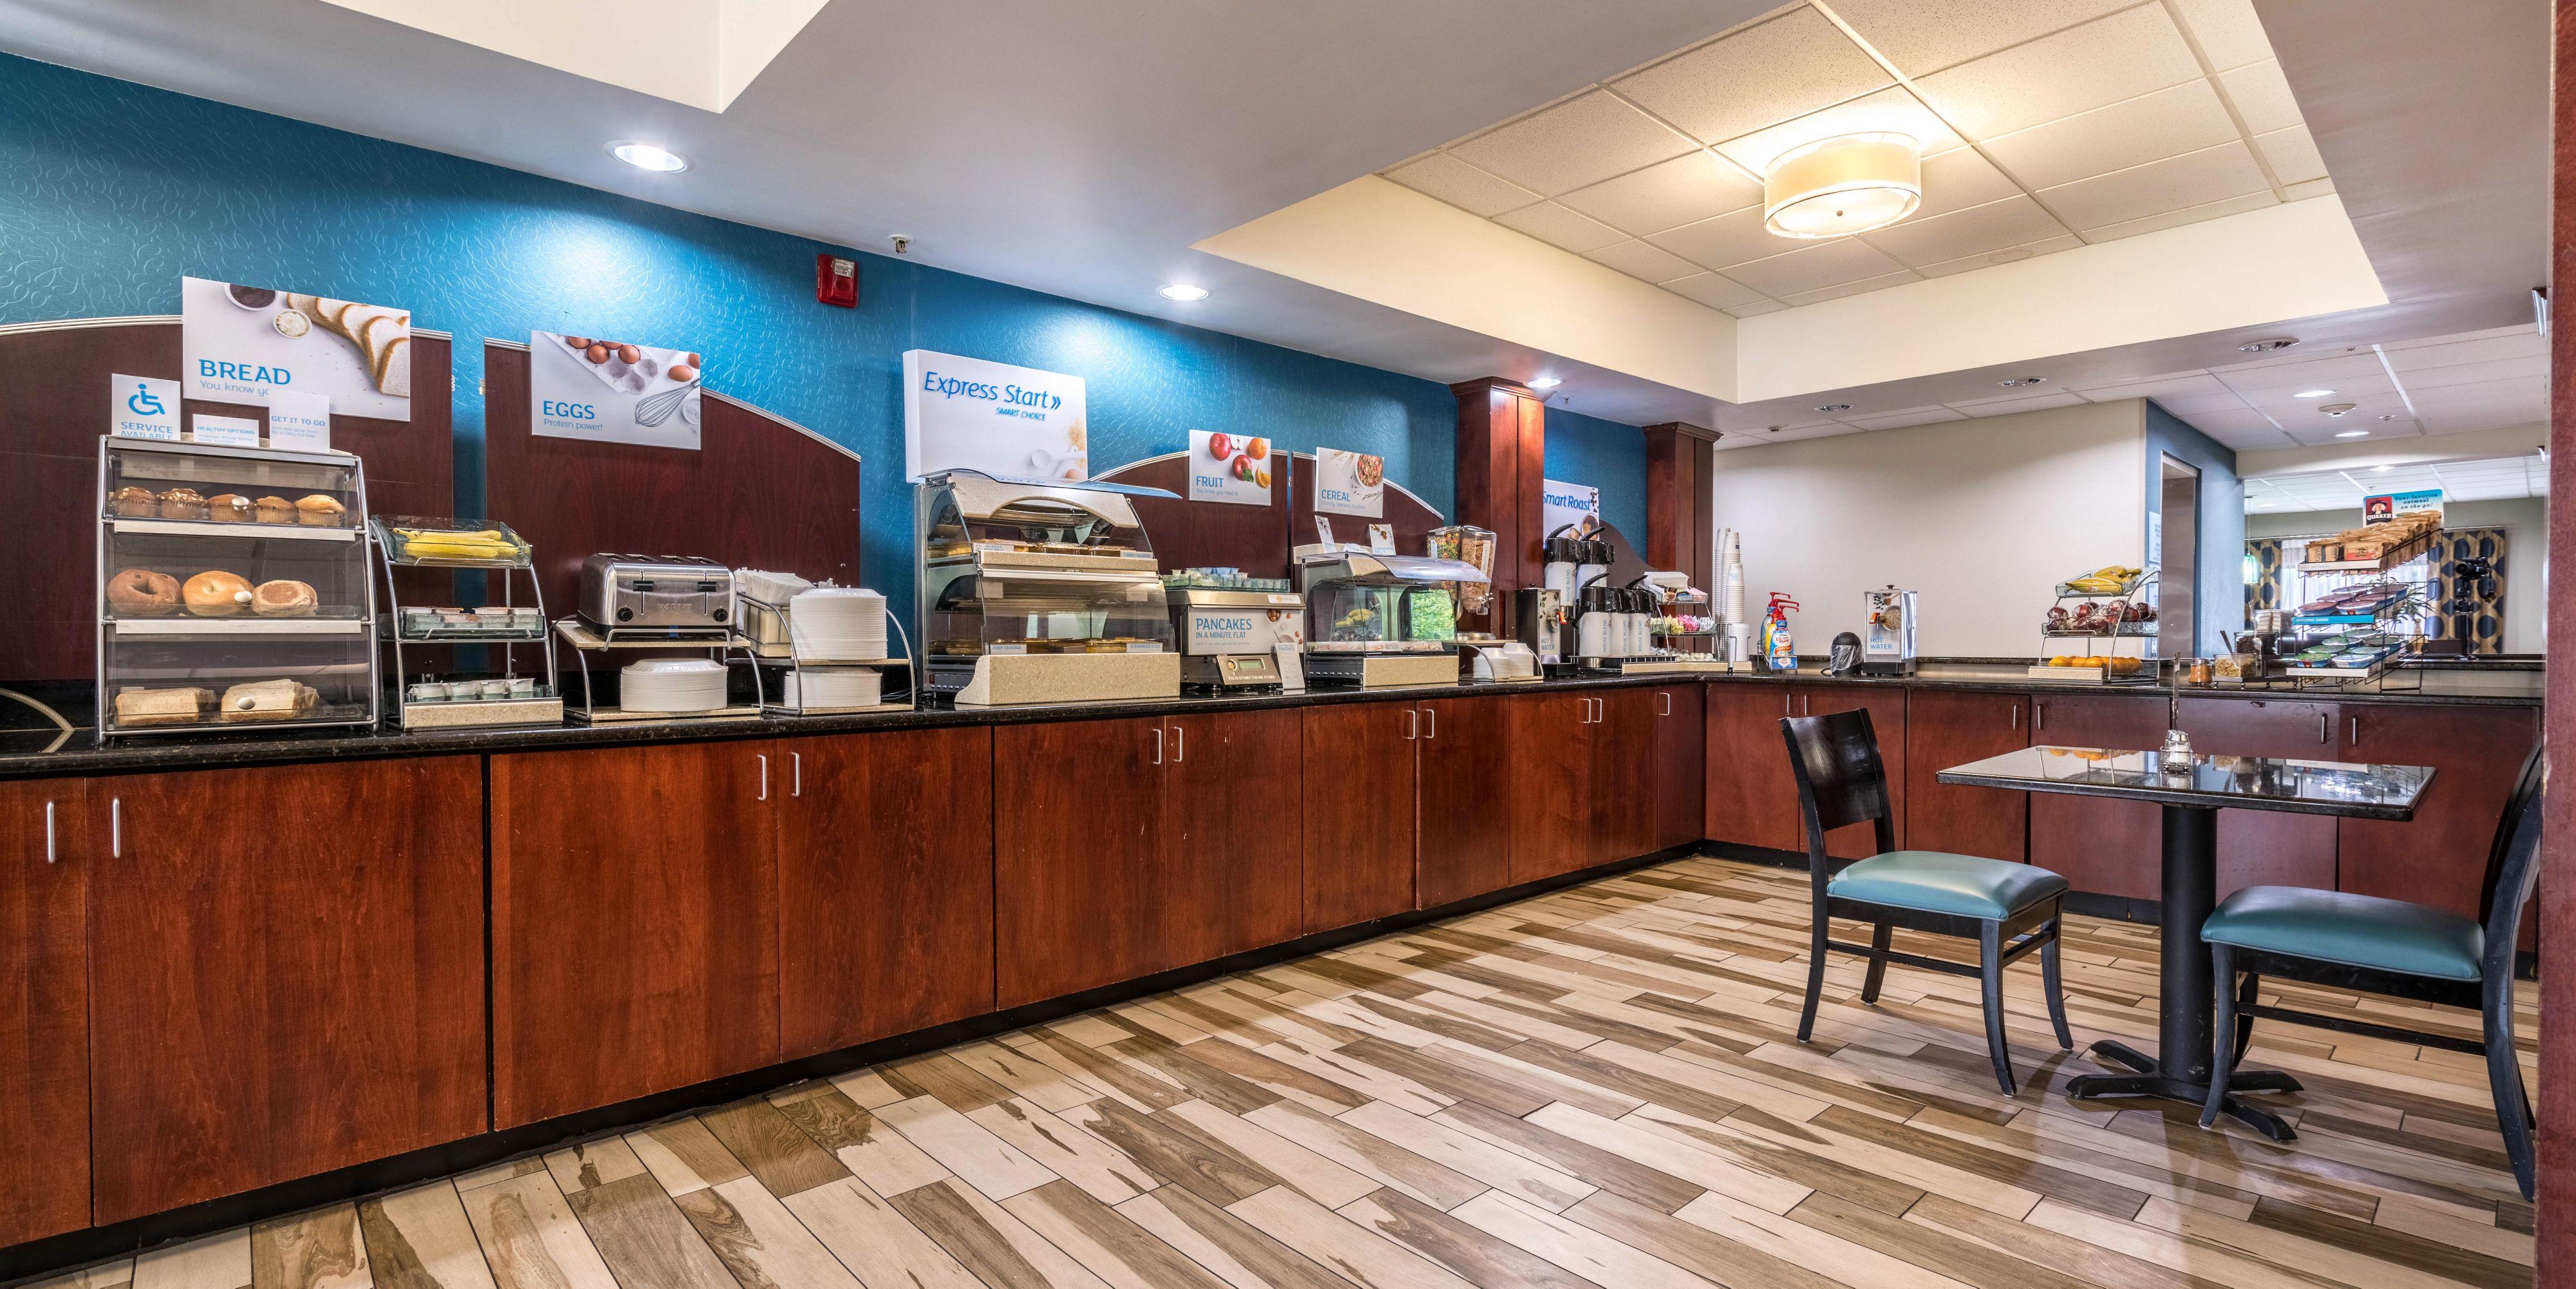 Roanoke Rapids Nc Hotel 2018 World 39 S Best Hotels